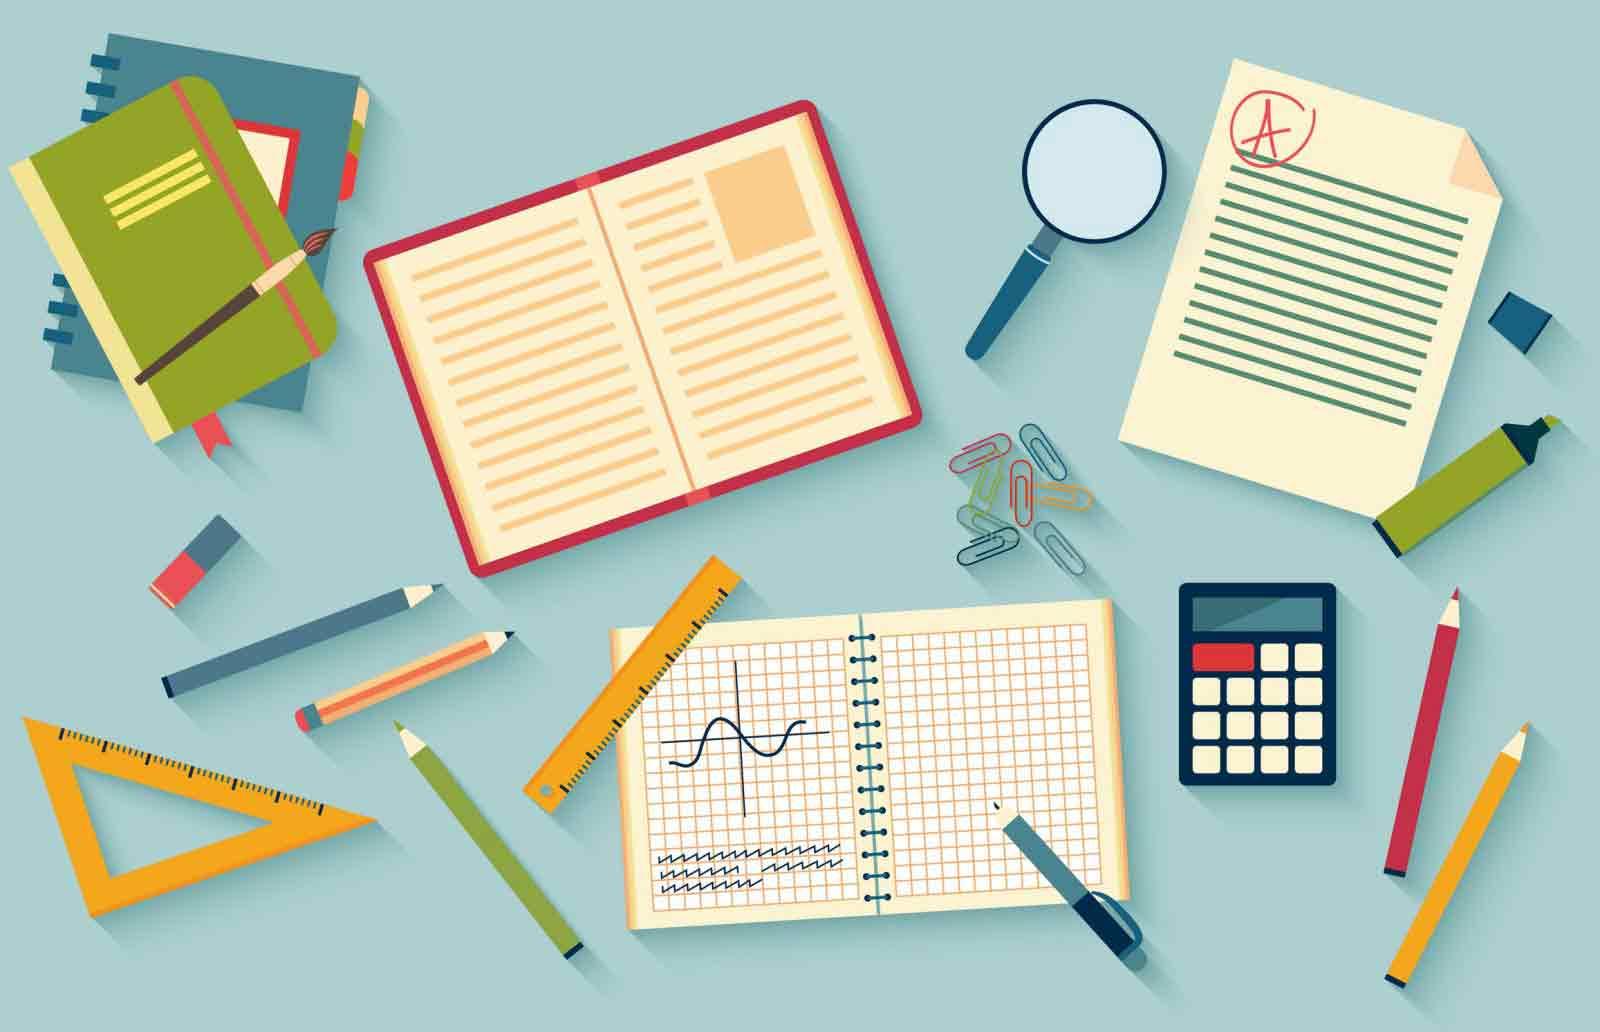 تعرف على مراحل تصميم أدوات الدراسة